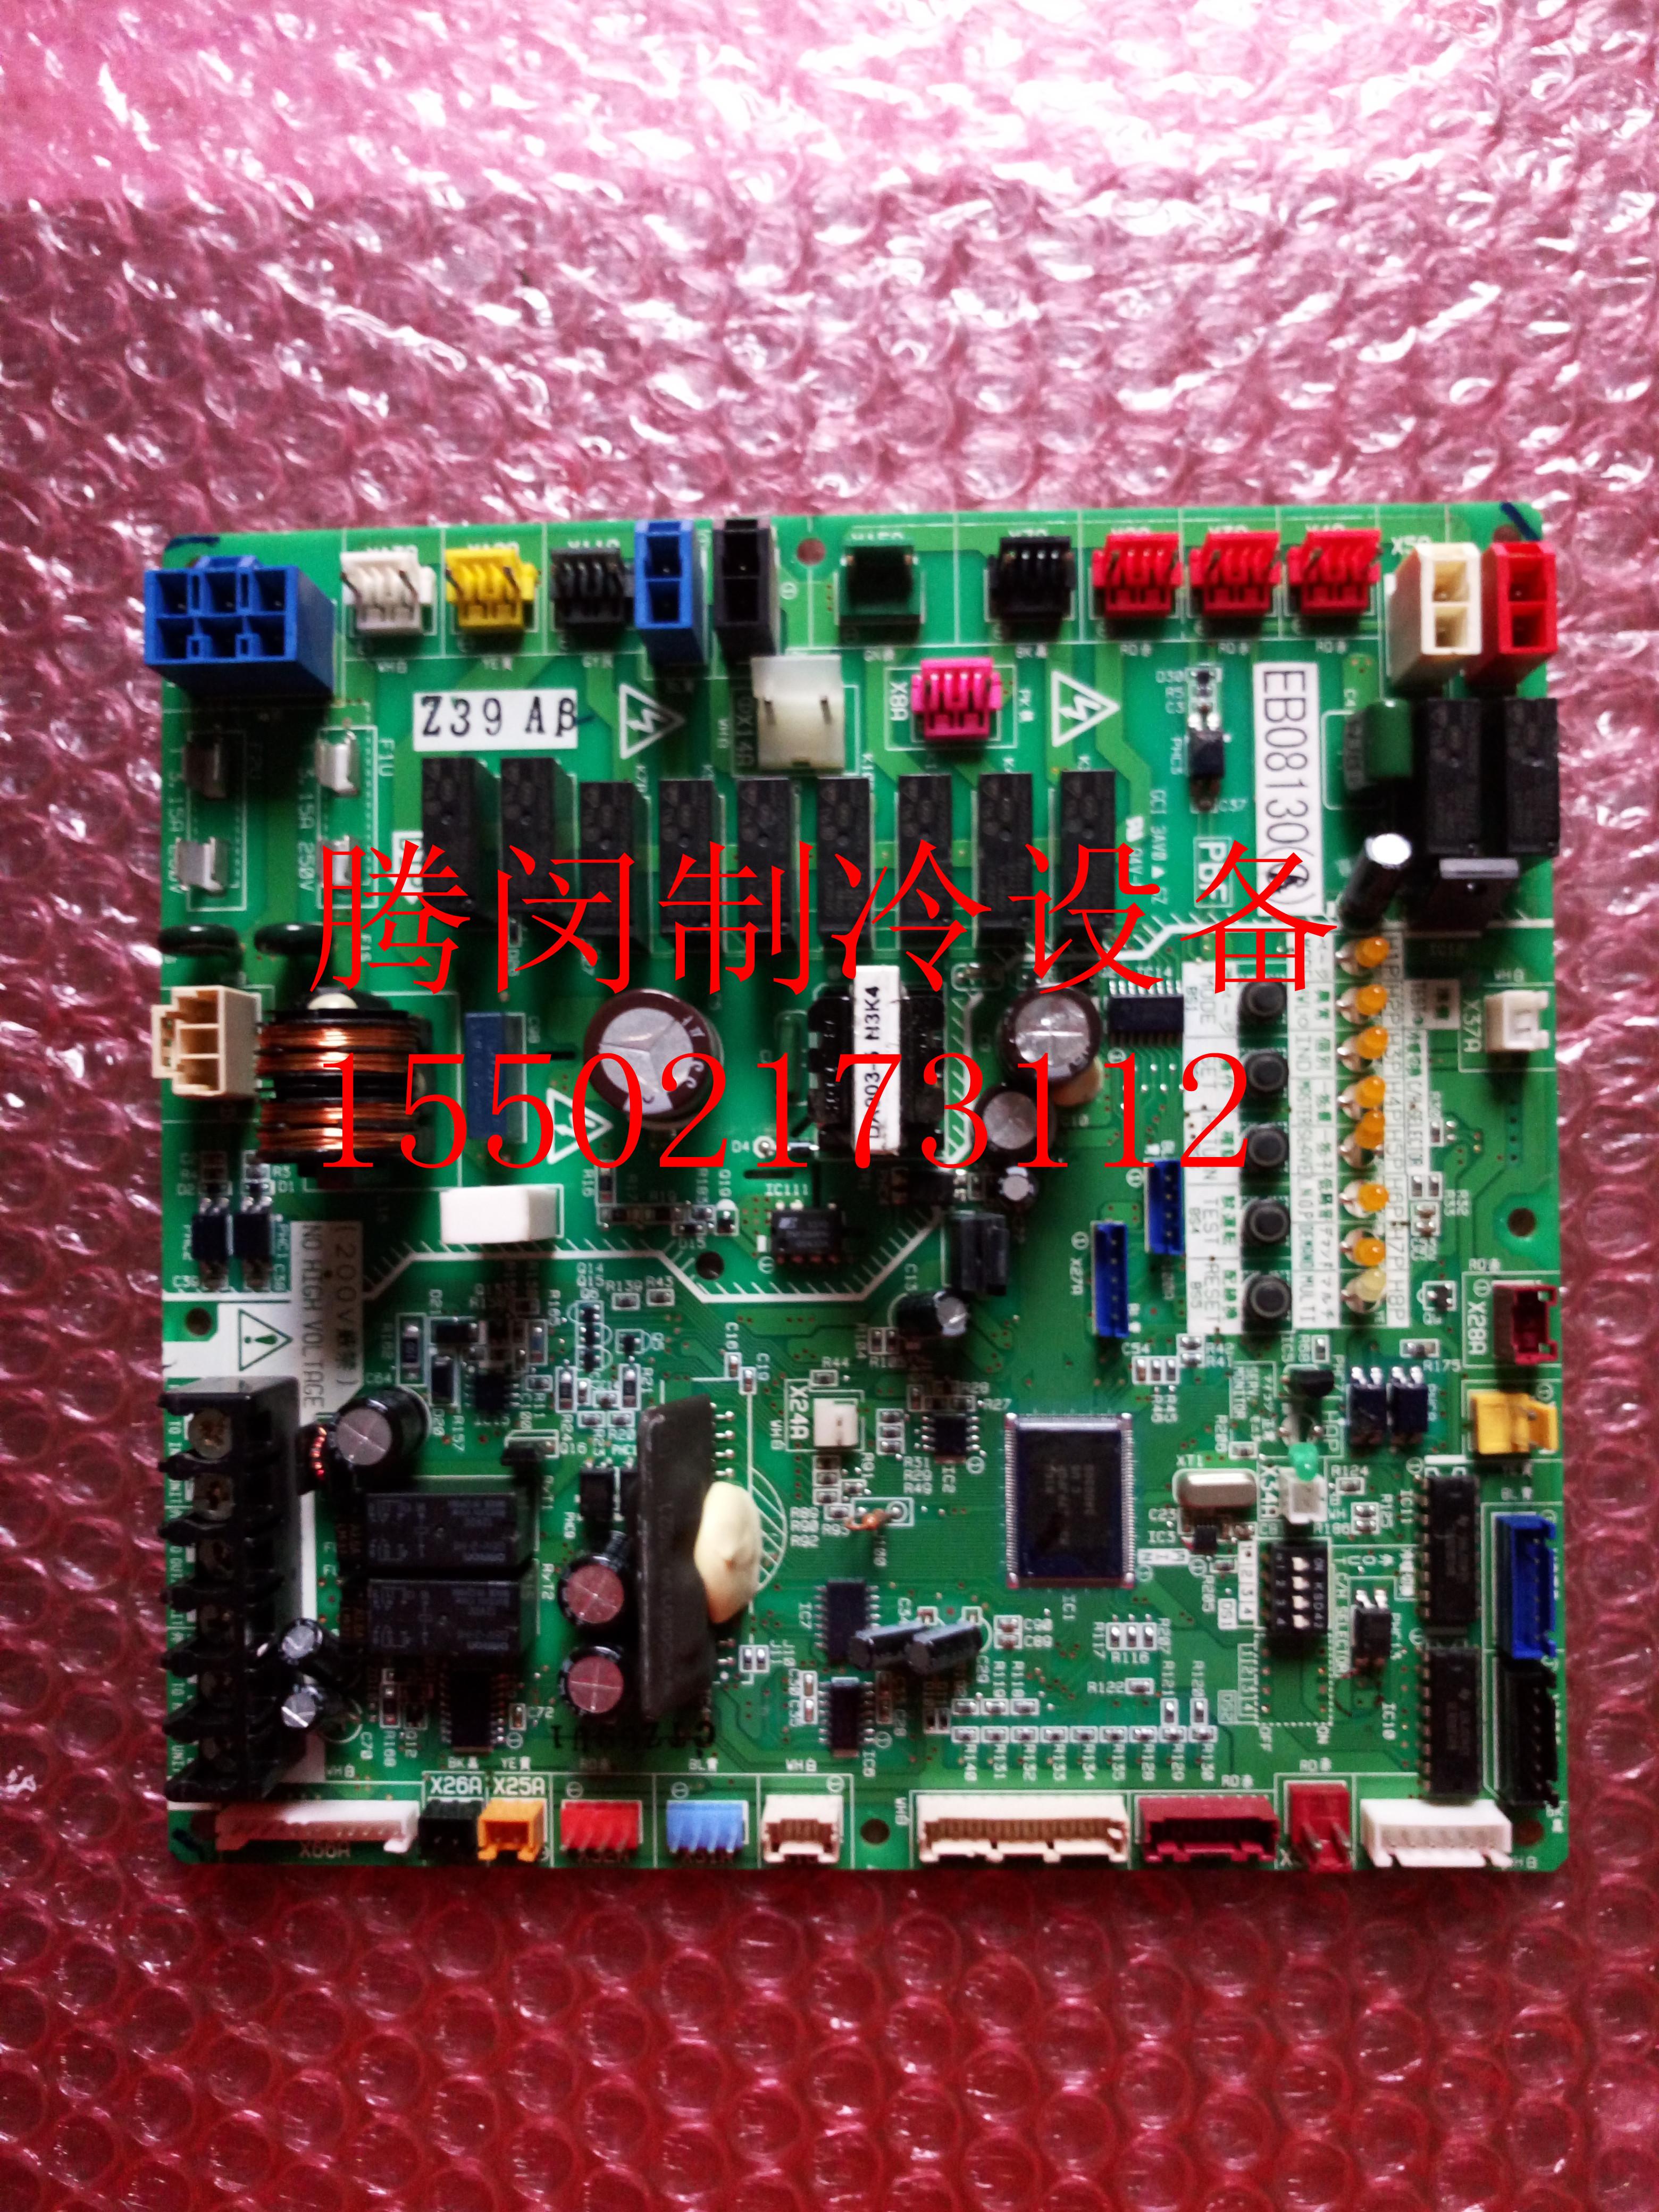 Daikin klimaanlagen RZP250PAY1 außerhalb der Maschine EB08130 Daikin - Platte RZP300PAY1 motherboard control panel.